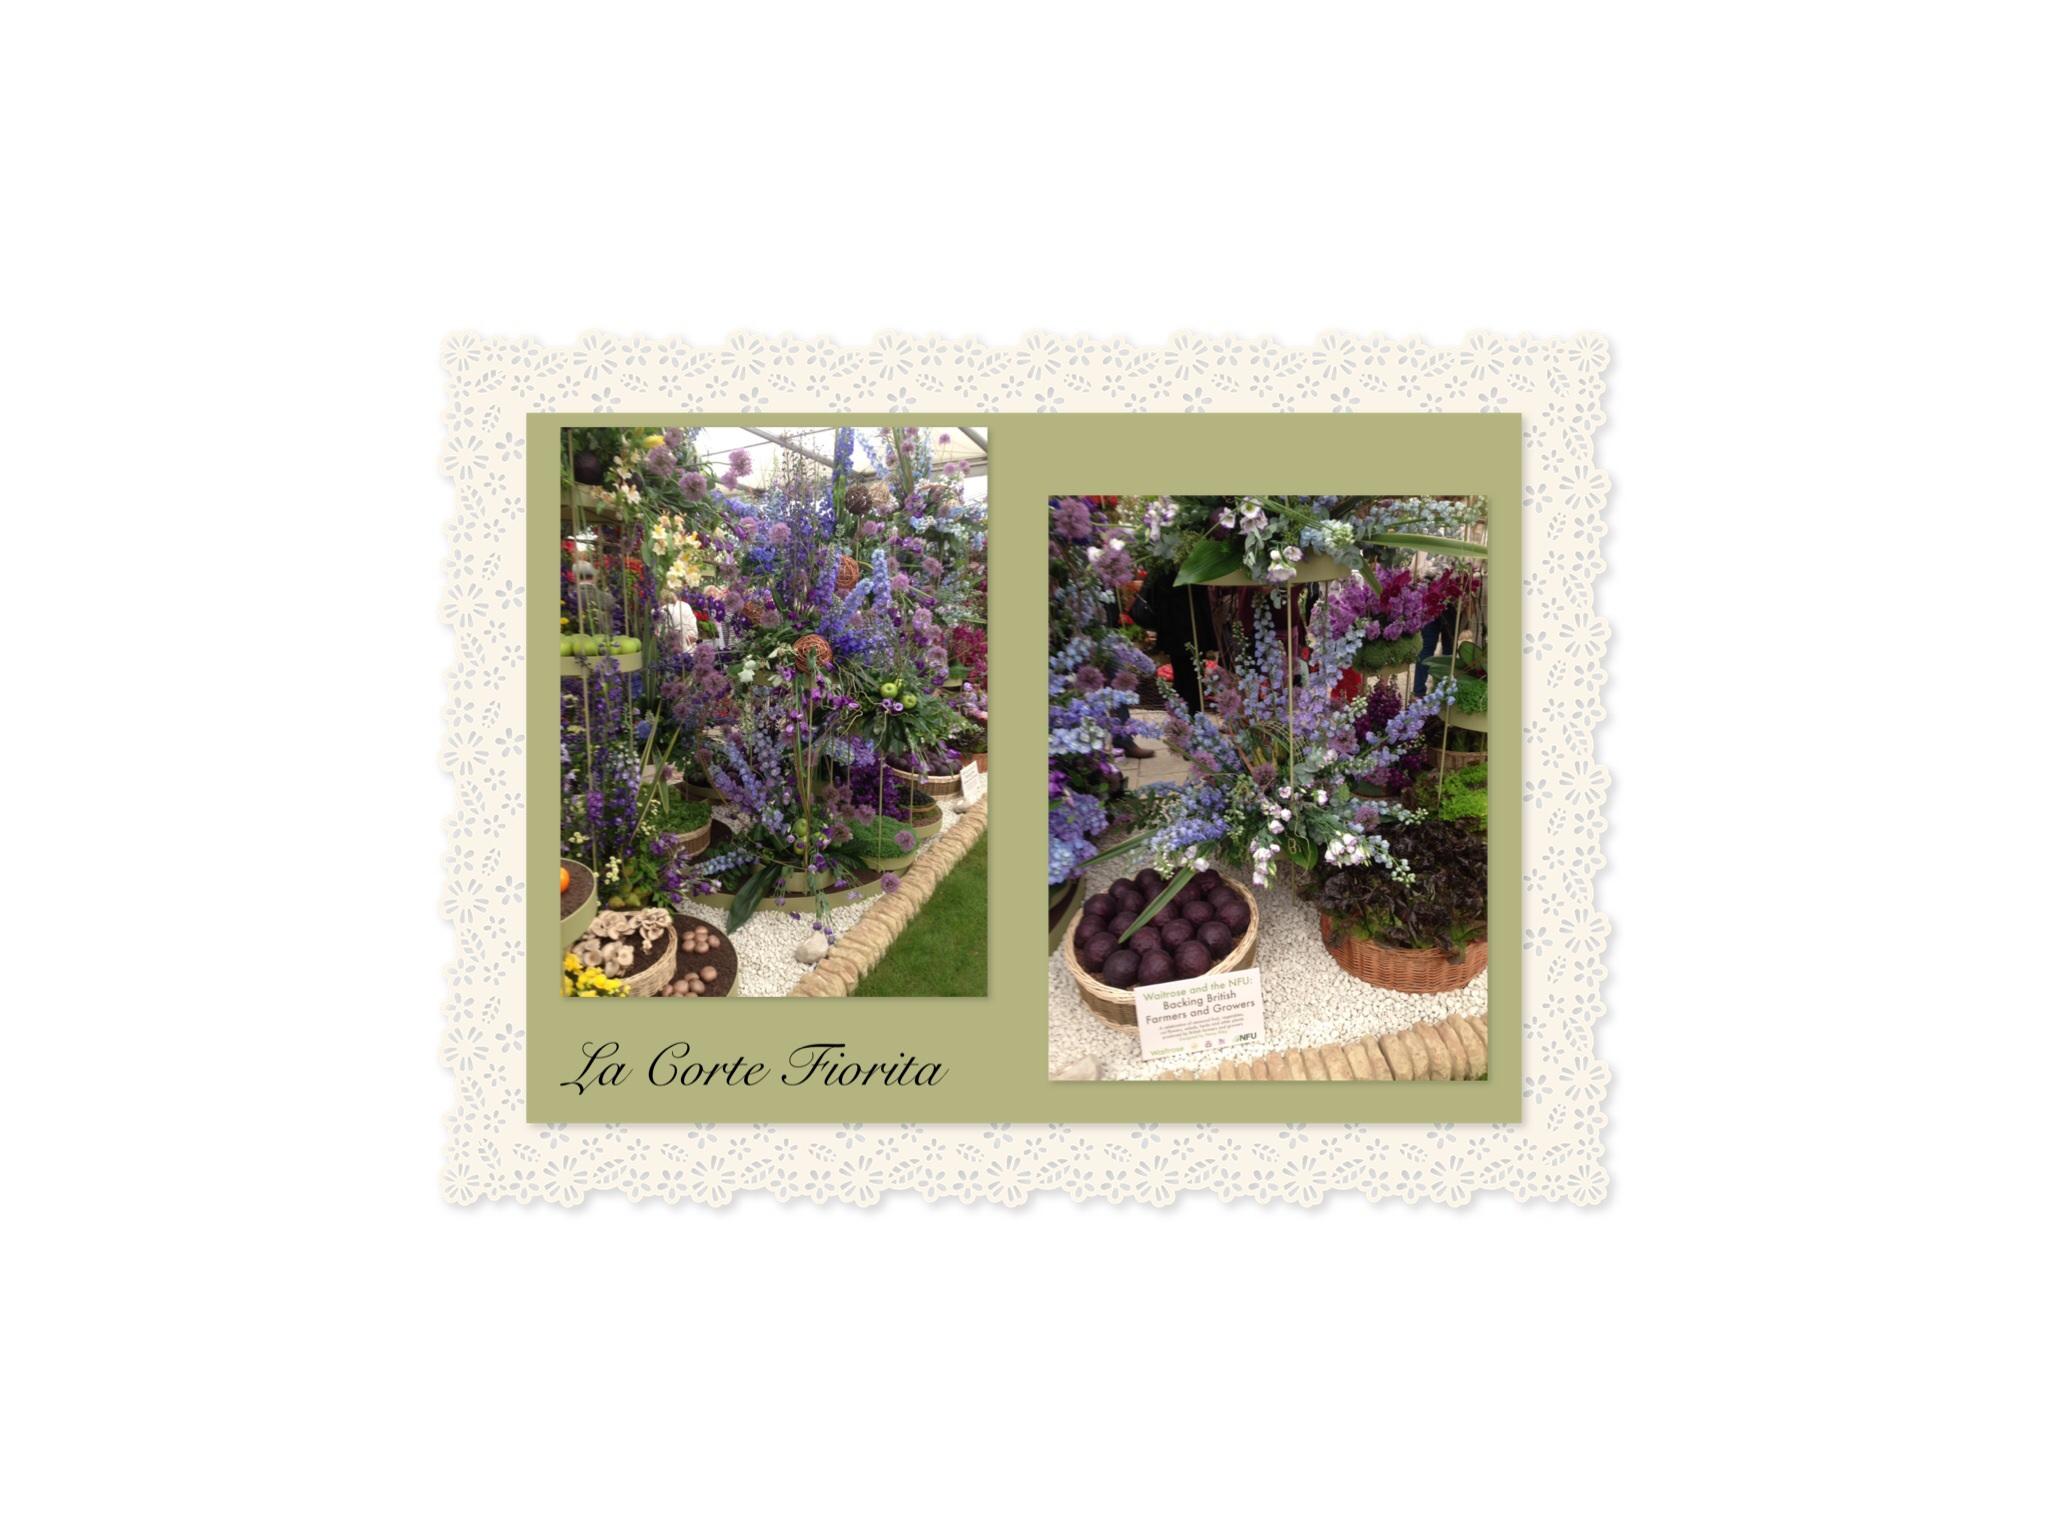 Espressioni in fiore Archivi - Pagina 2 di 3 - La Corte Fiorita